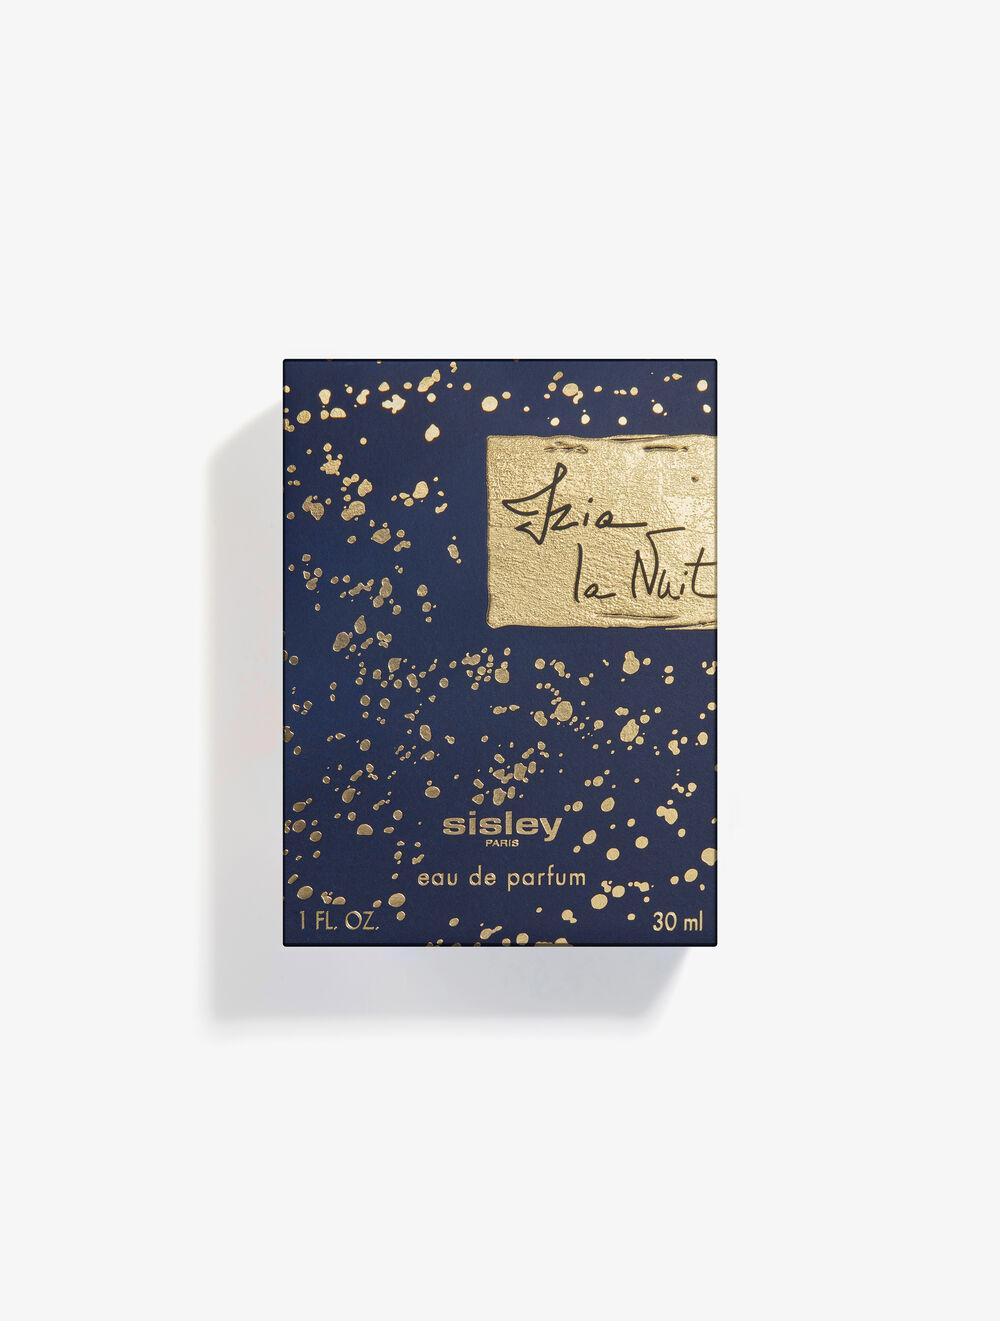 Izia La Nuit Eau De Parfum 30 ml